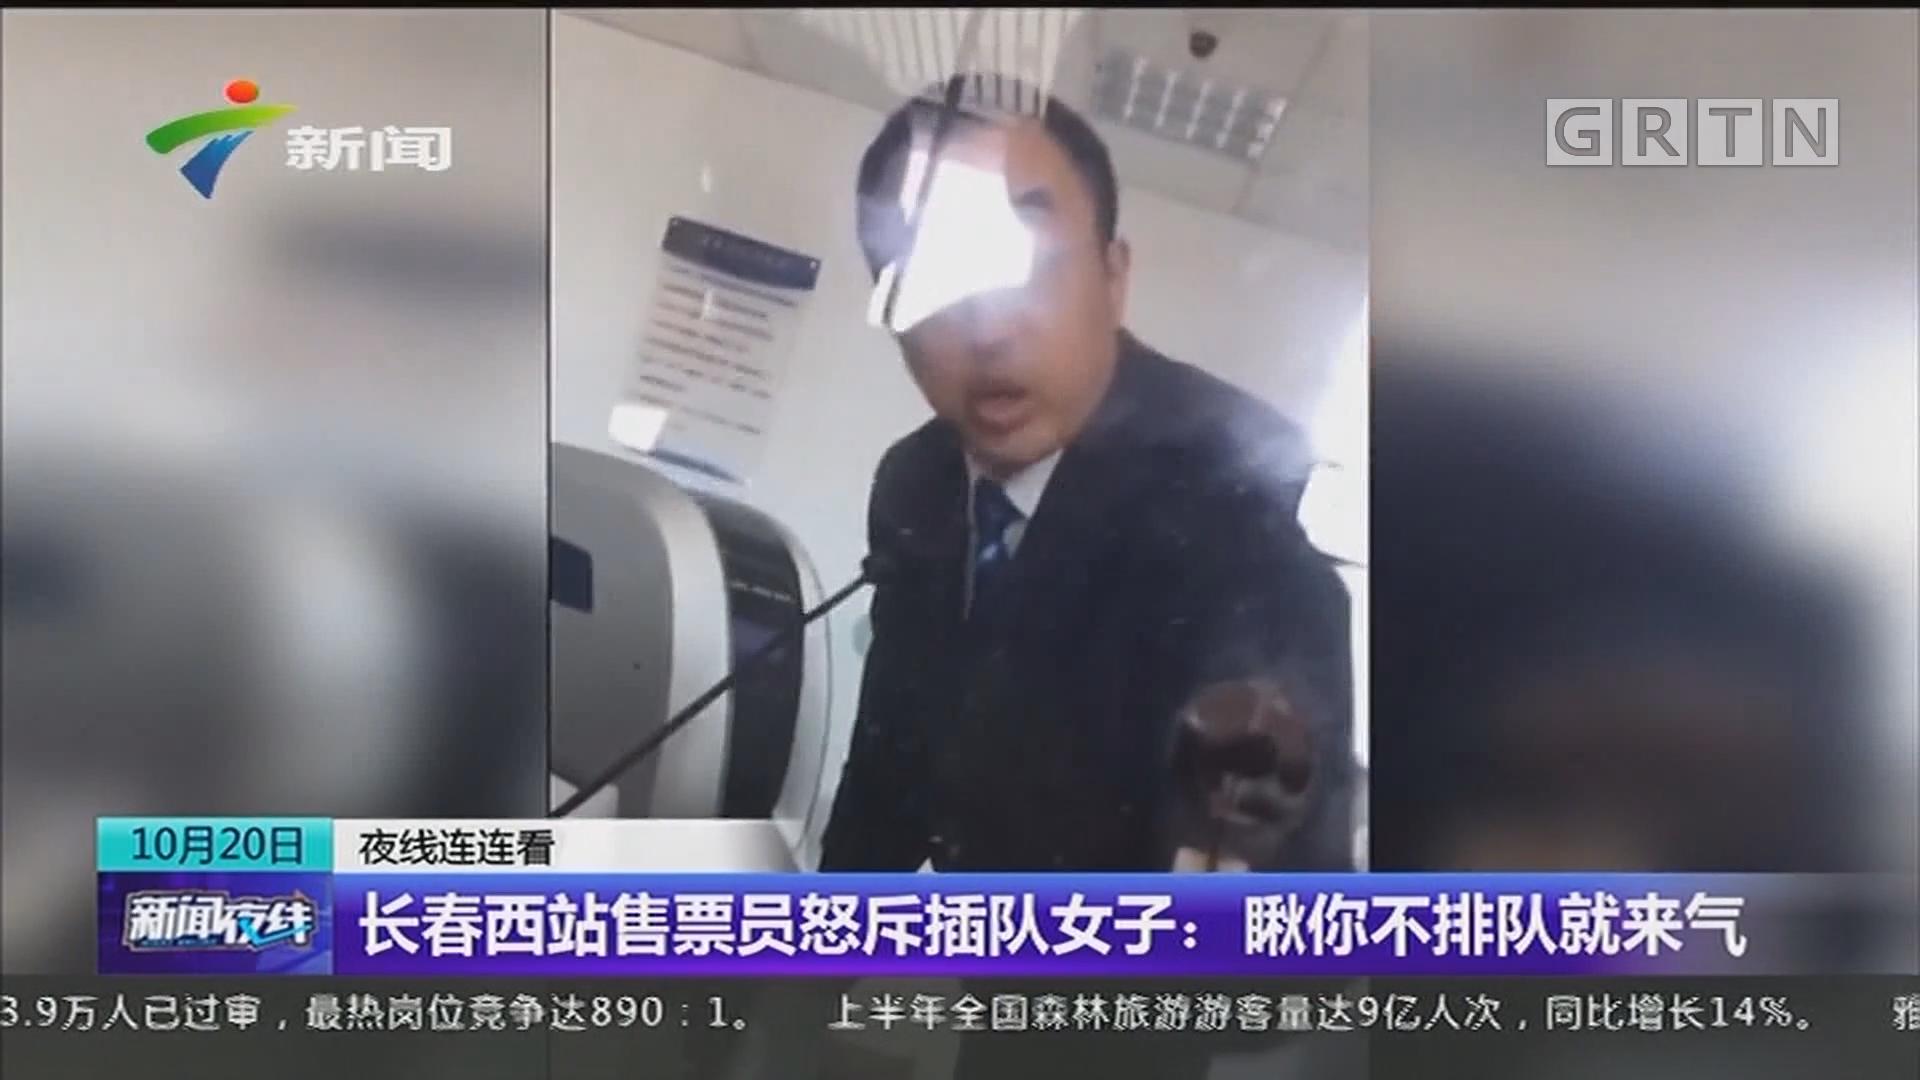 长春西站售票员怒斥插队女子:瞅你不排队就来气